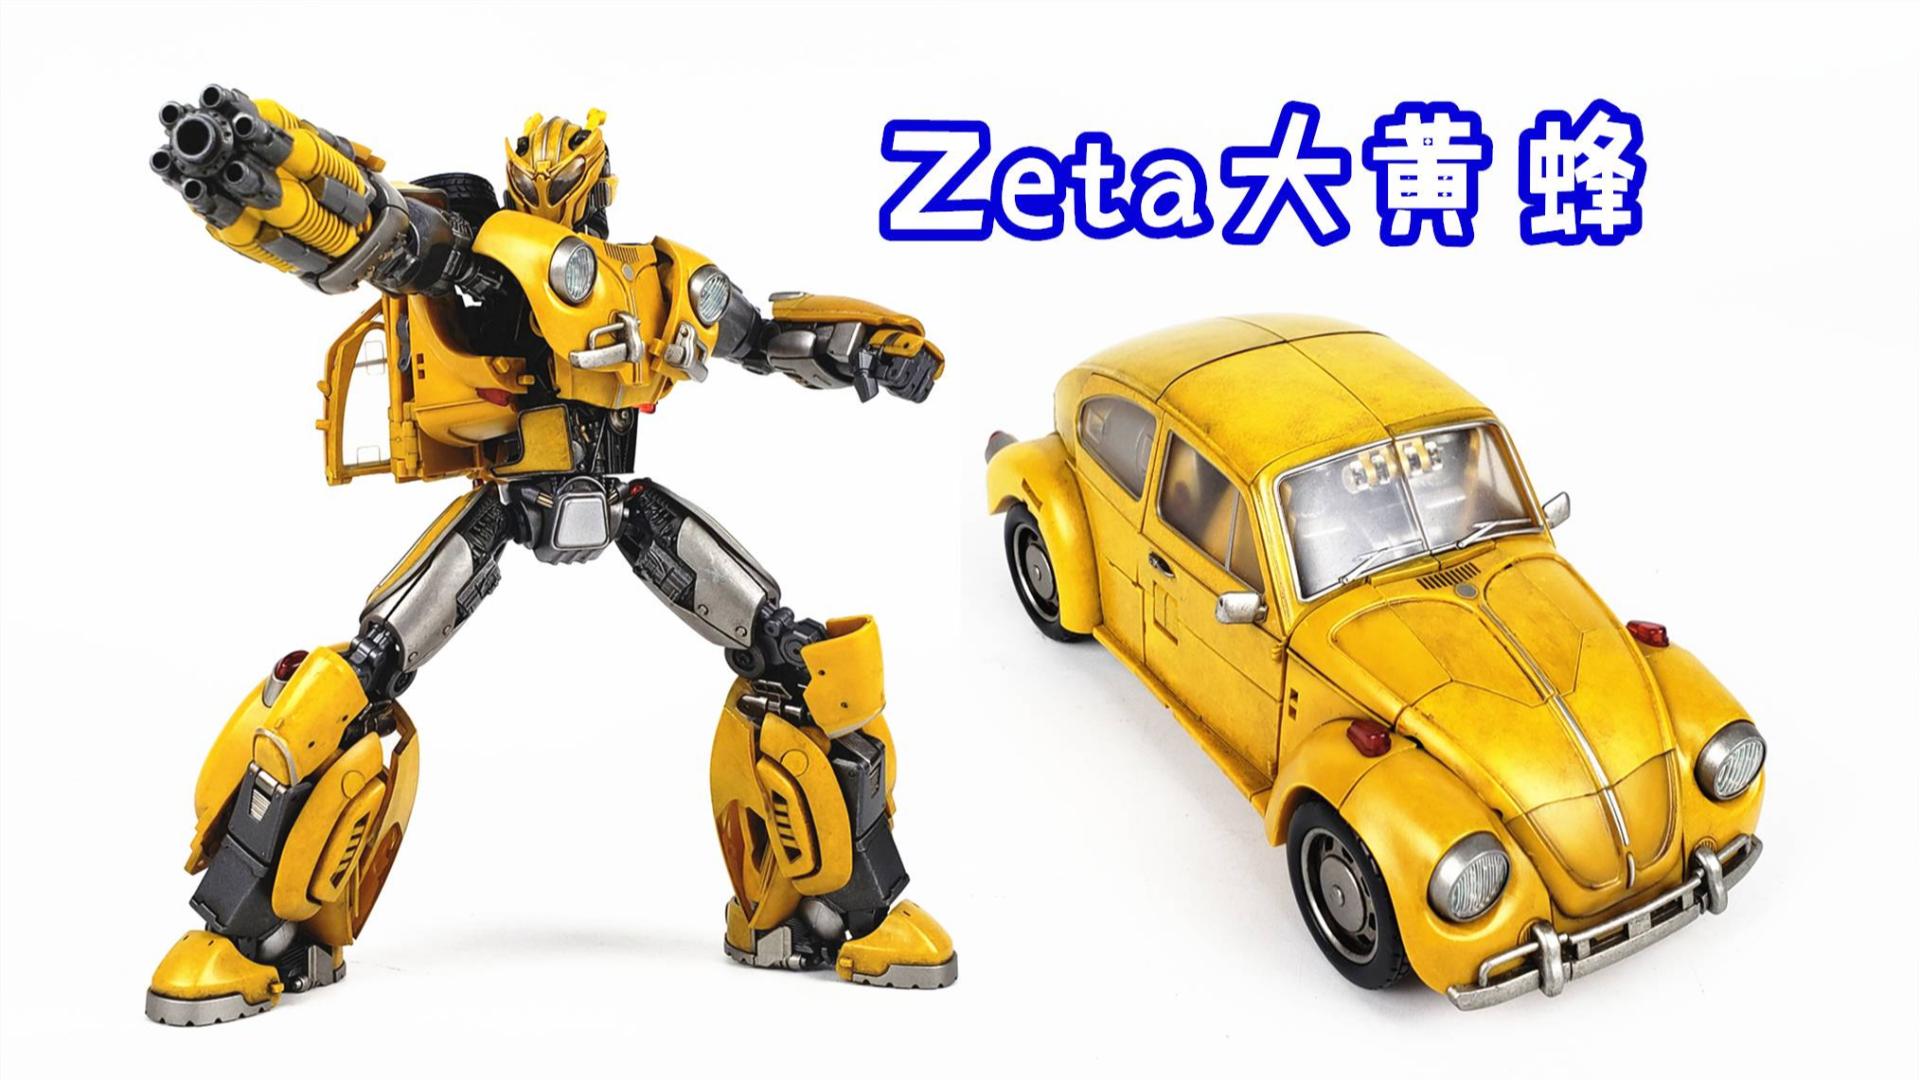 好看不好玩系列!变形金刚Zeta外传大黄蜂-刘哥模玩